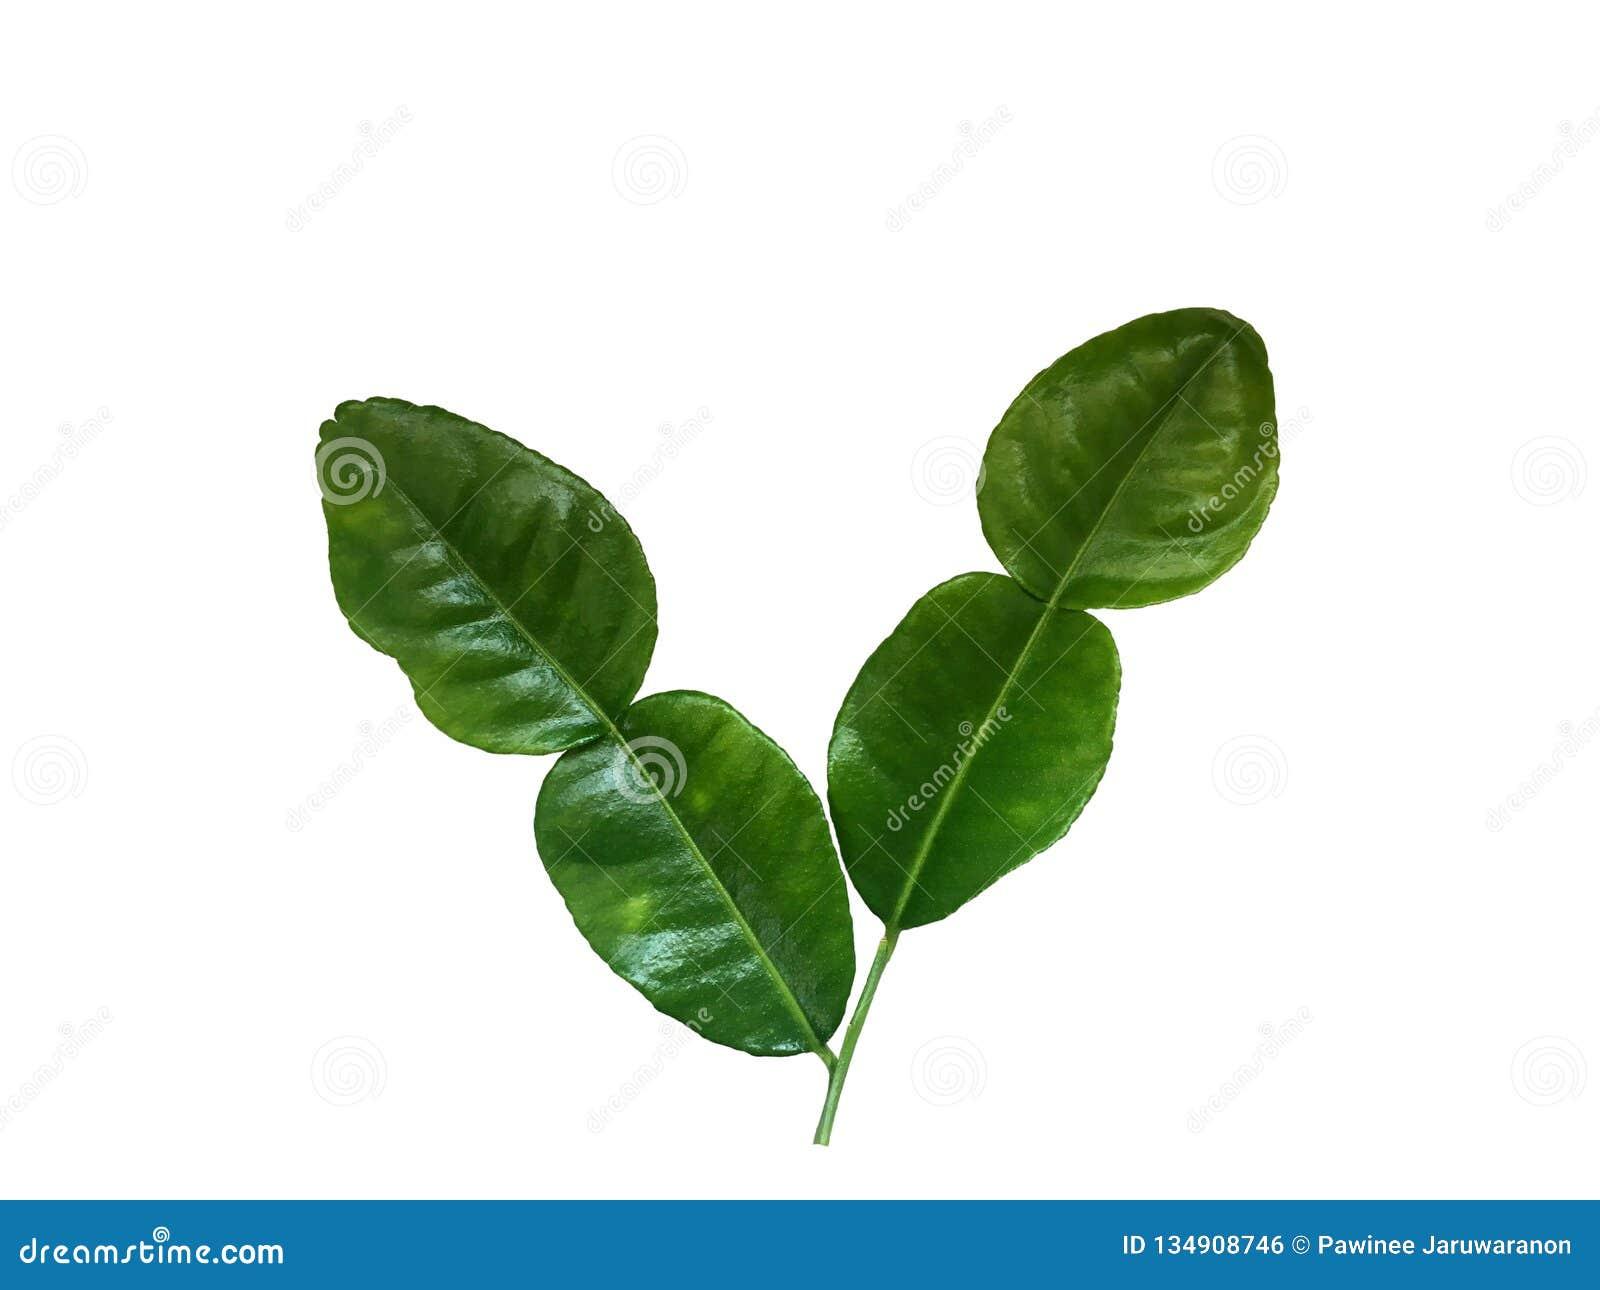 Frisches grünes Bergamottenblatt lokalisiert auf weißem Hintergrund